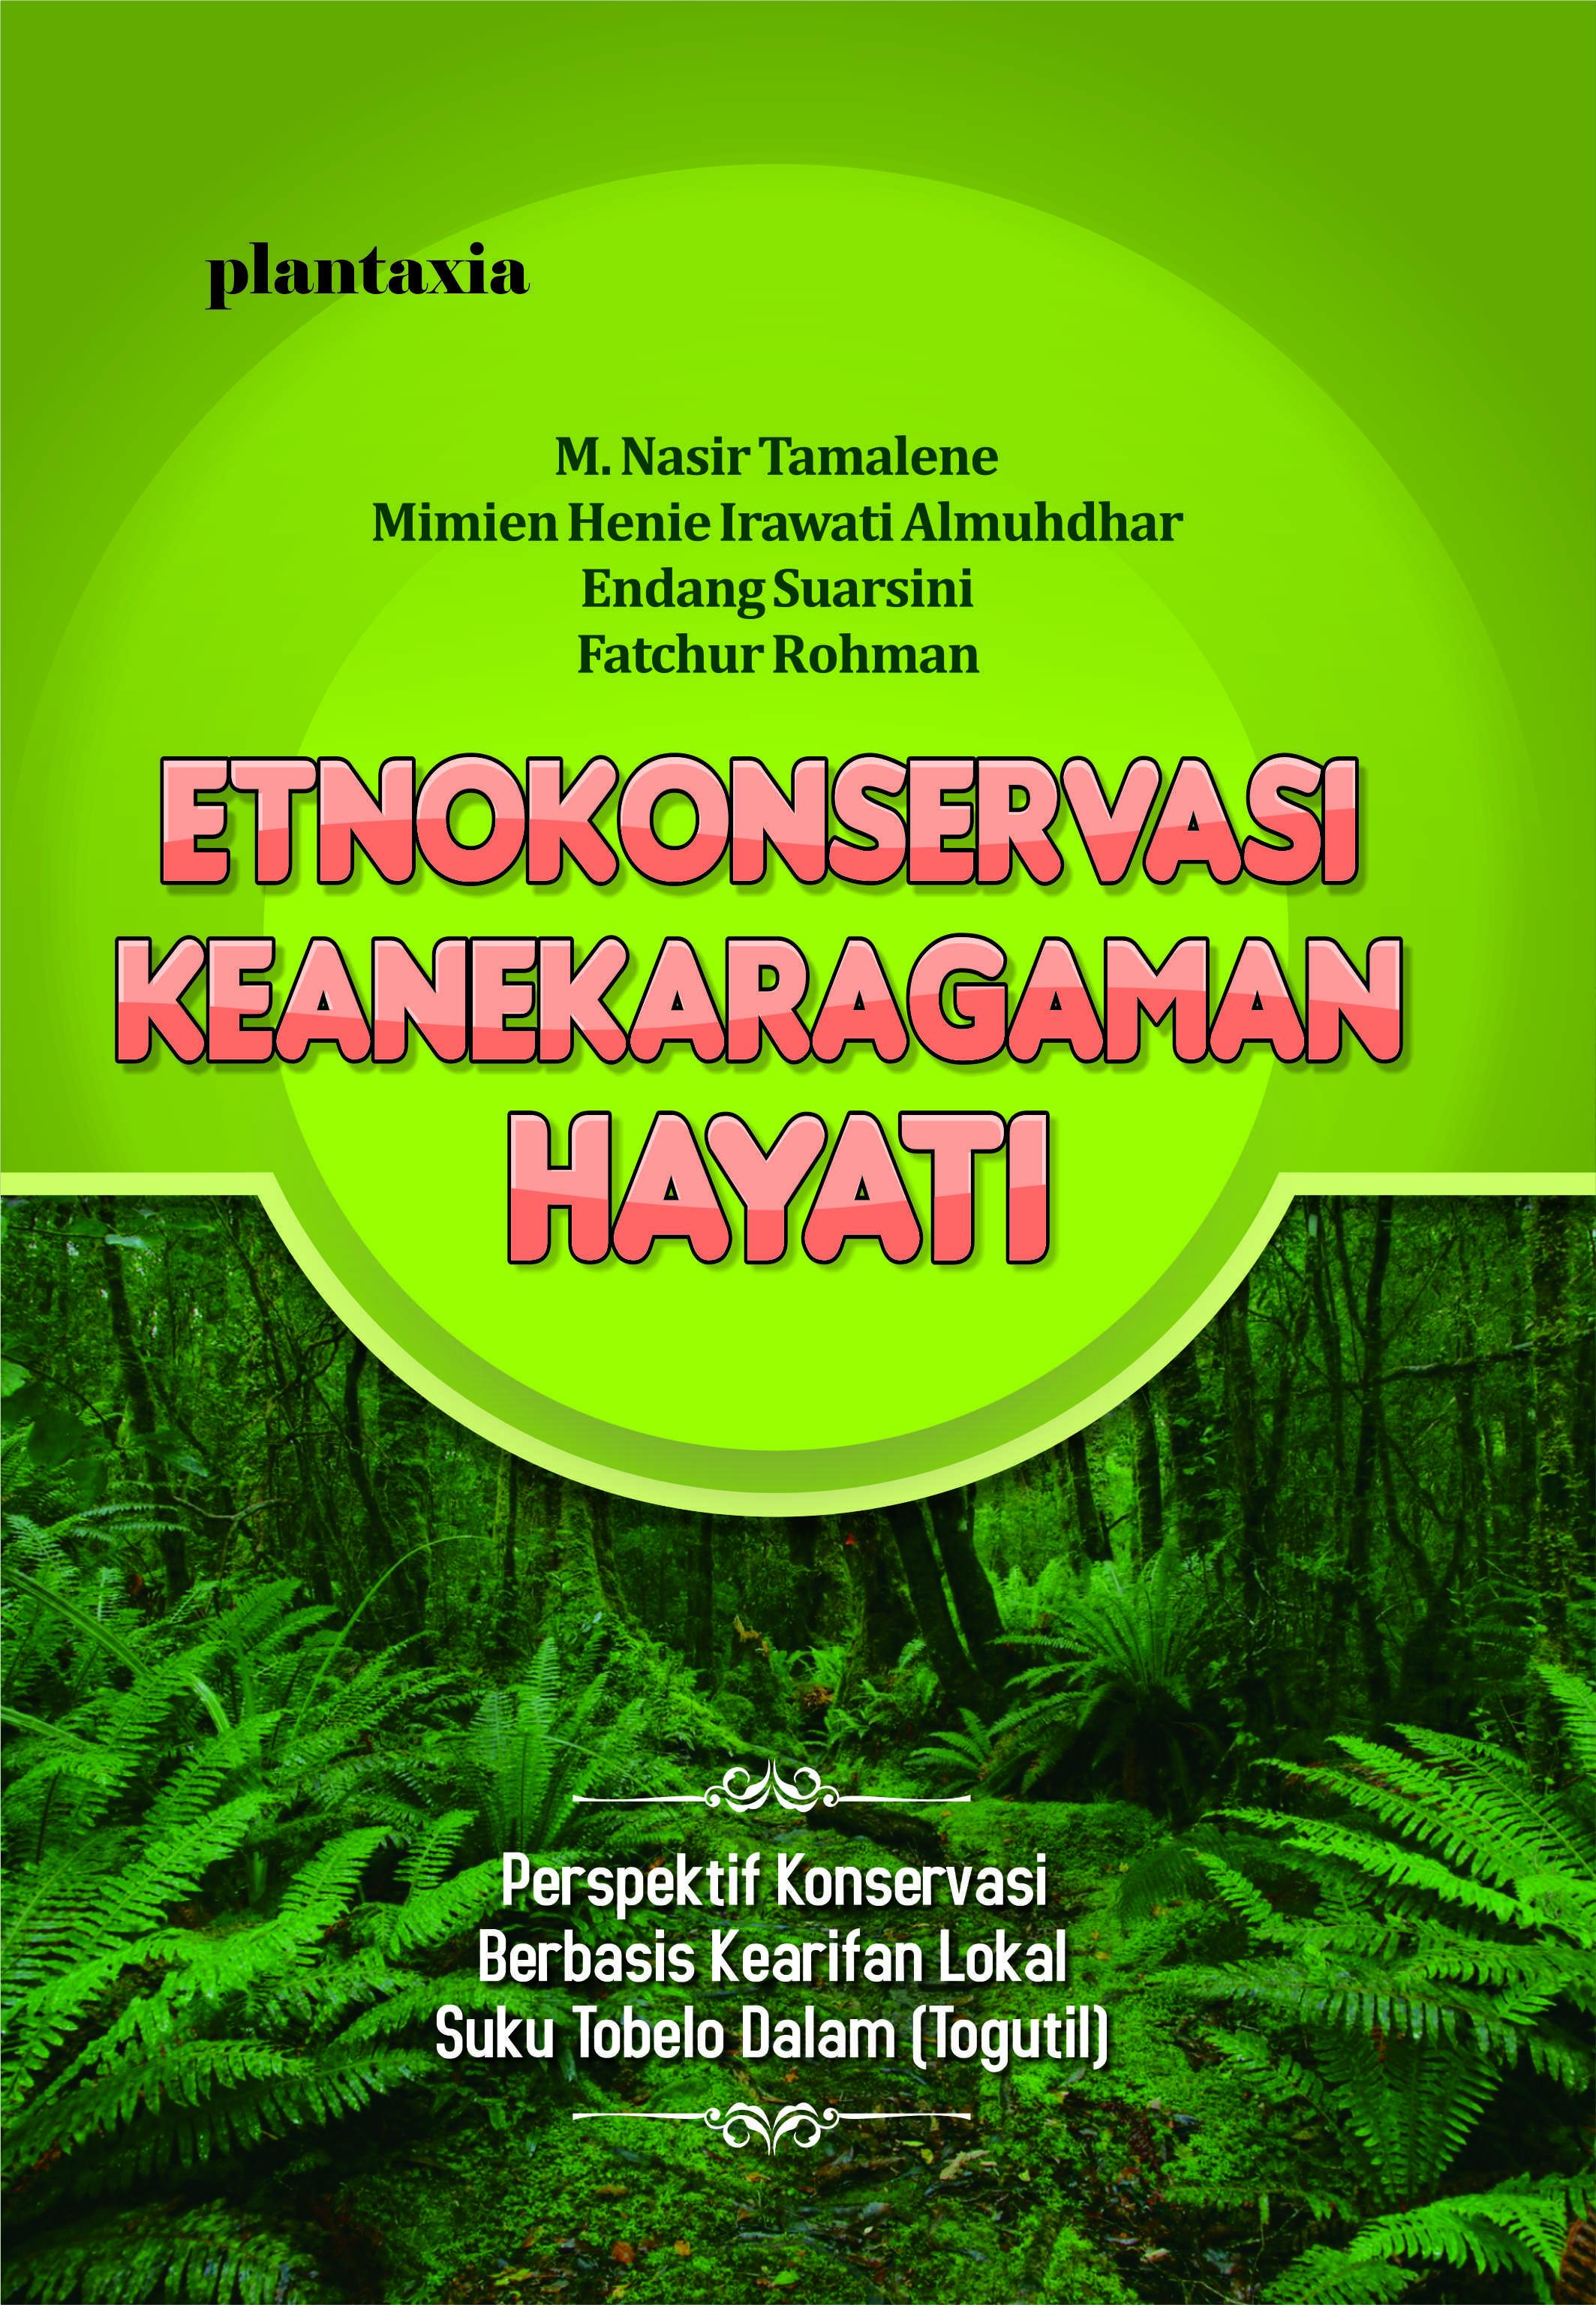 Etnokonservasi Keanekaragaman Hayati; Perspektif Konservasi Berbasis Kearifan Lokal Suku Tobelo Dalam (Togutil)